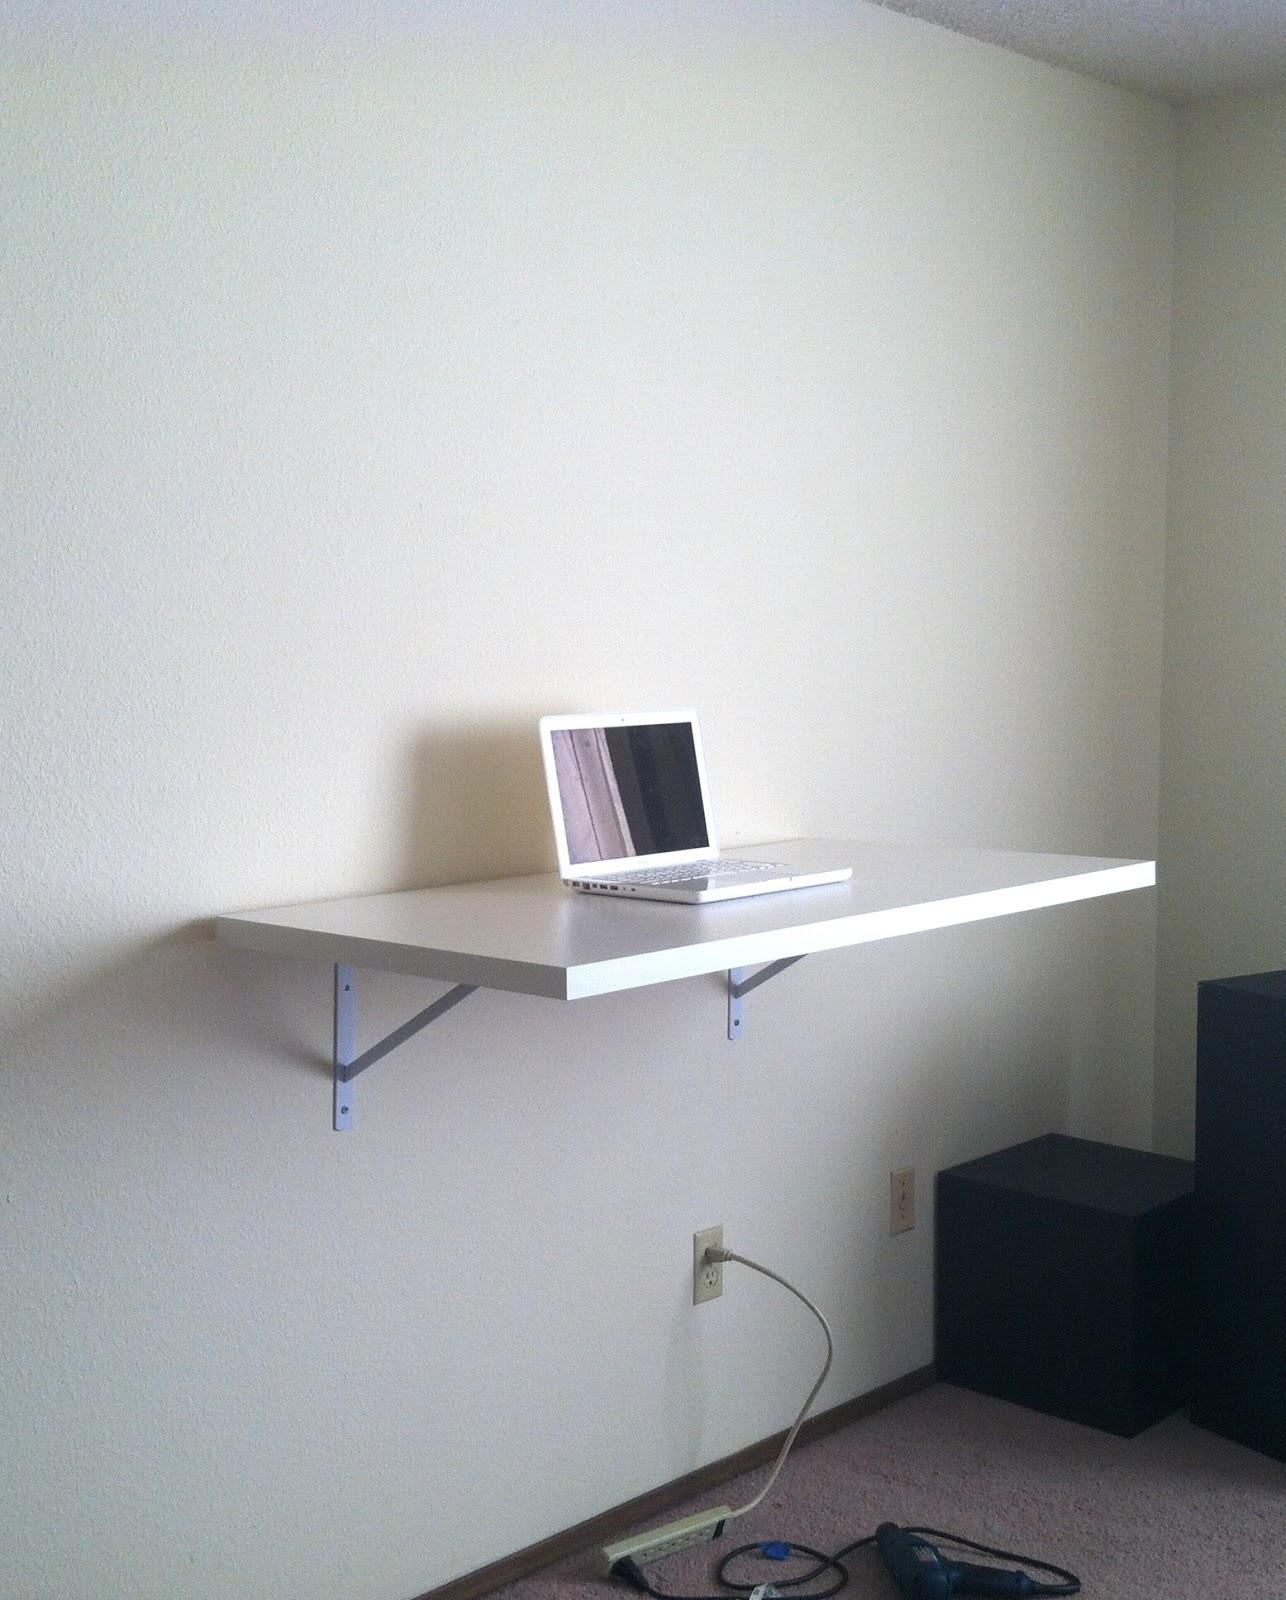 Diy Floating Corner Desk custom desks for home office diy folding desk diy floating desk